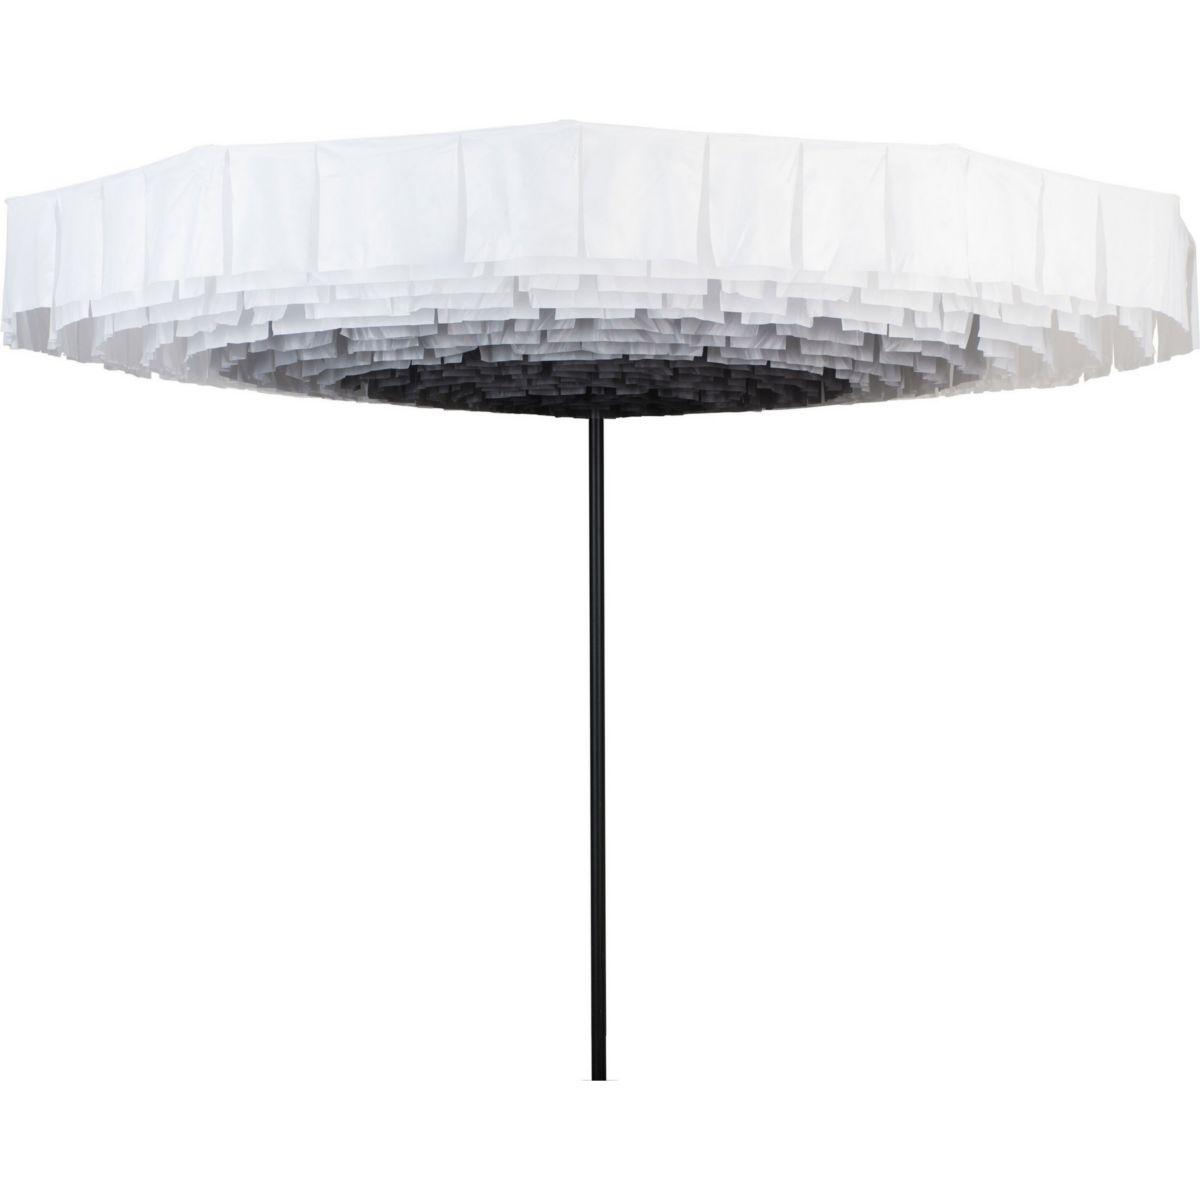 Sonnenschirm Premium Bloom Ø 300 cm Weiß / Schwarz jetztbilligerkaufen